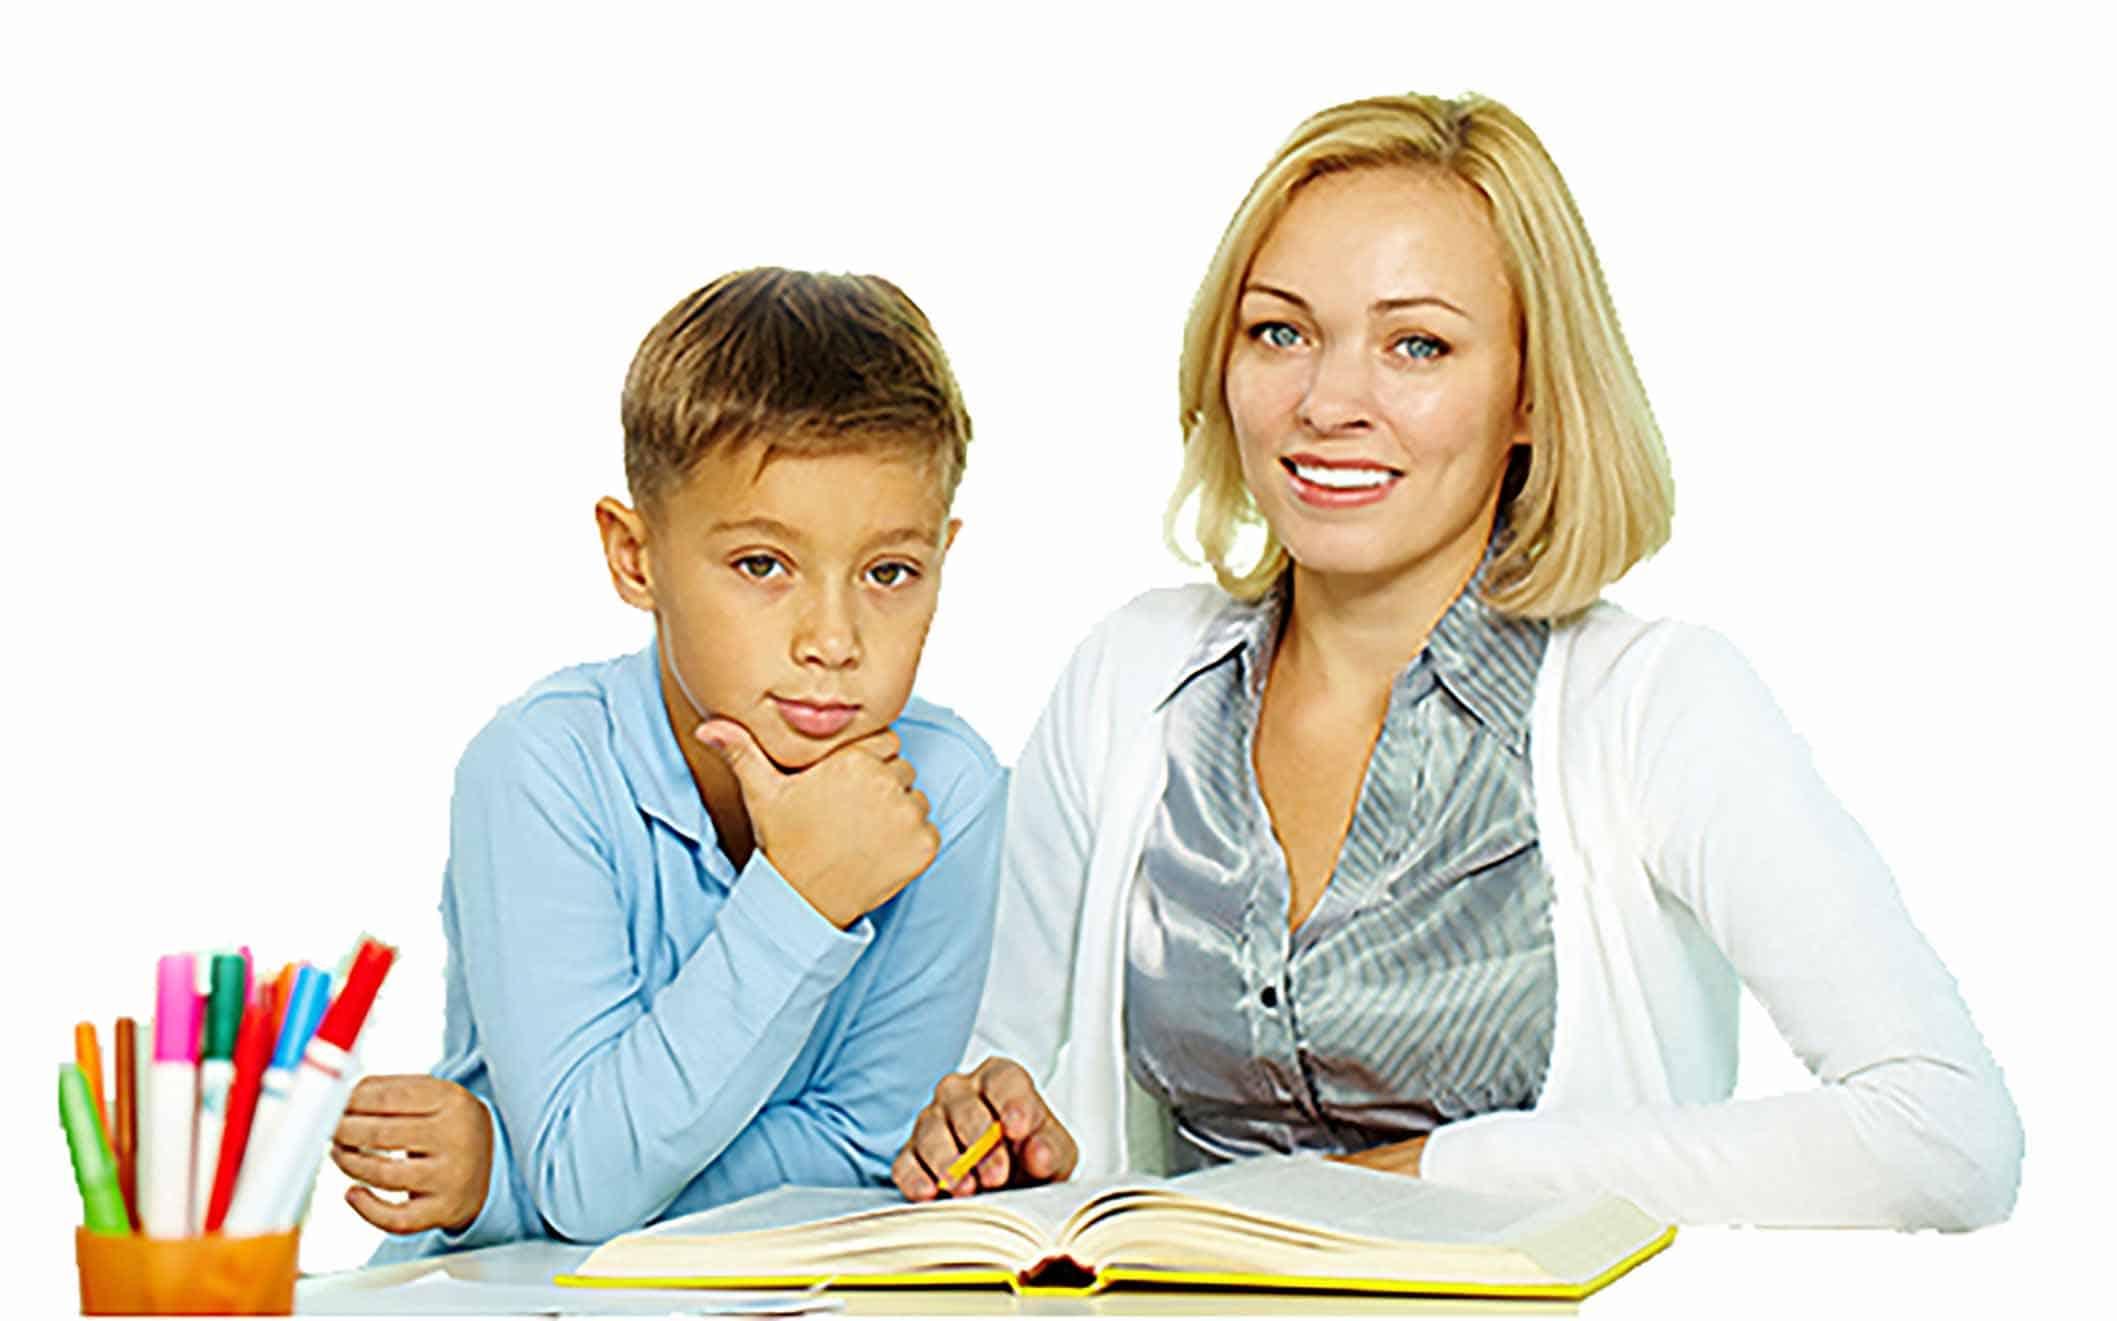 Soutien scolaire et cours particuliers à domicile Orange